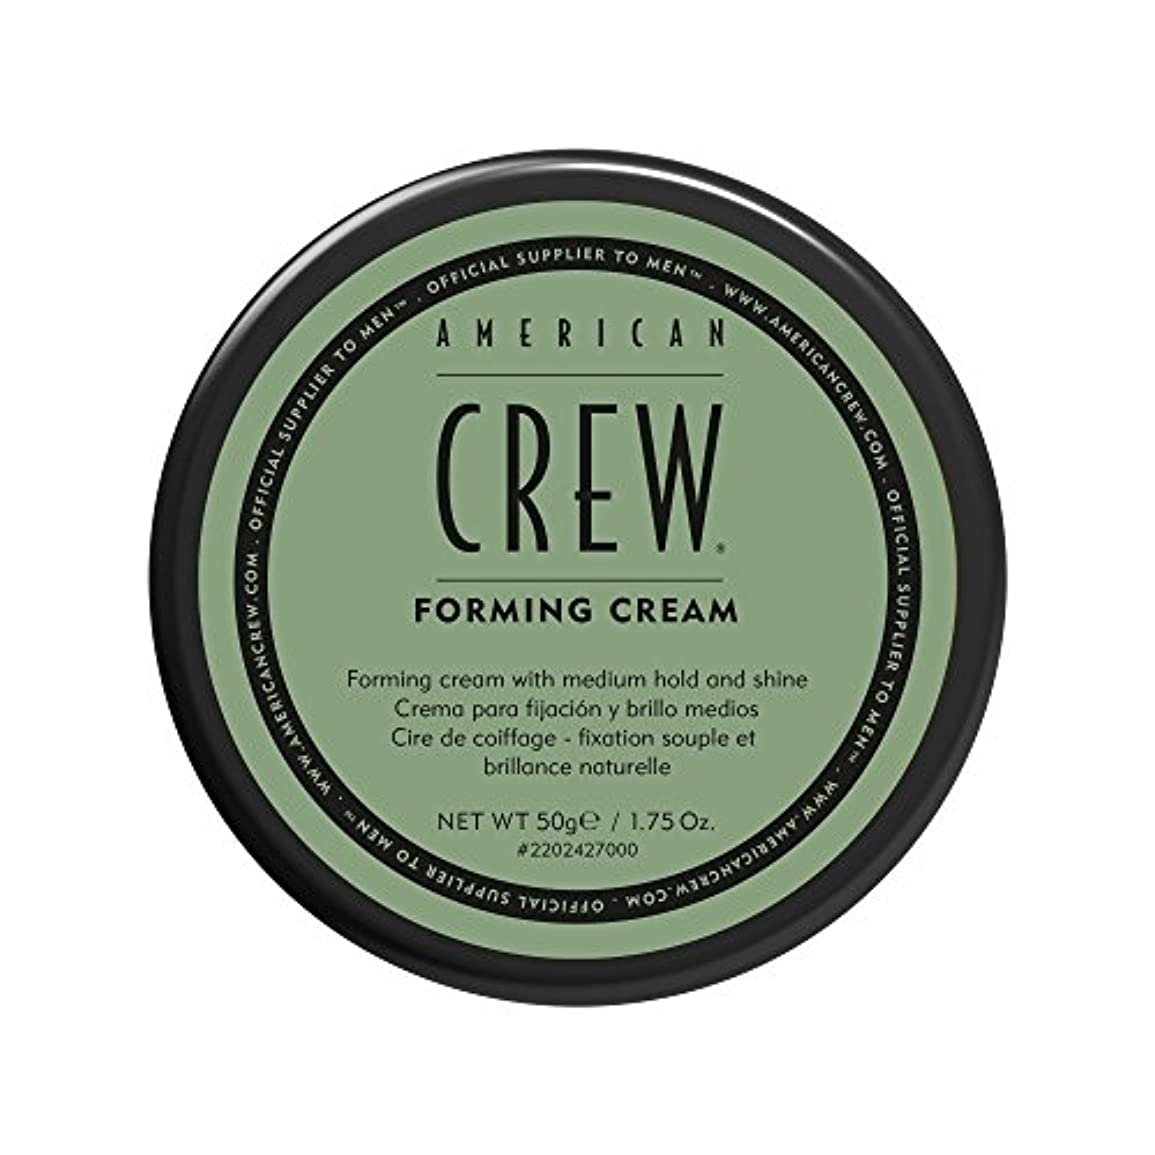 ランプ所属焼くby American Crew FORMING CREAM 1.75 OZ by AMERICAN CREW